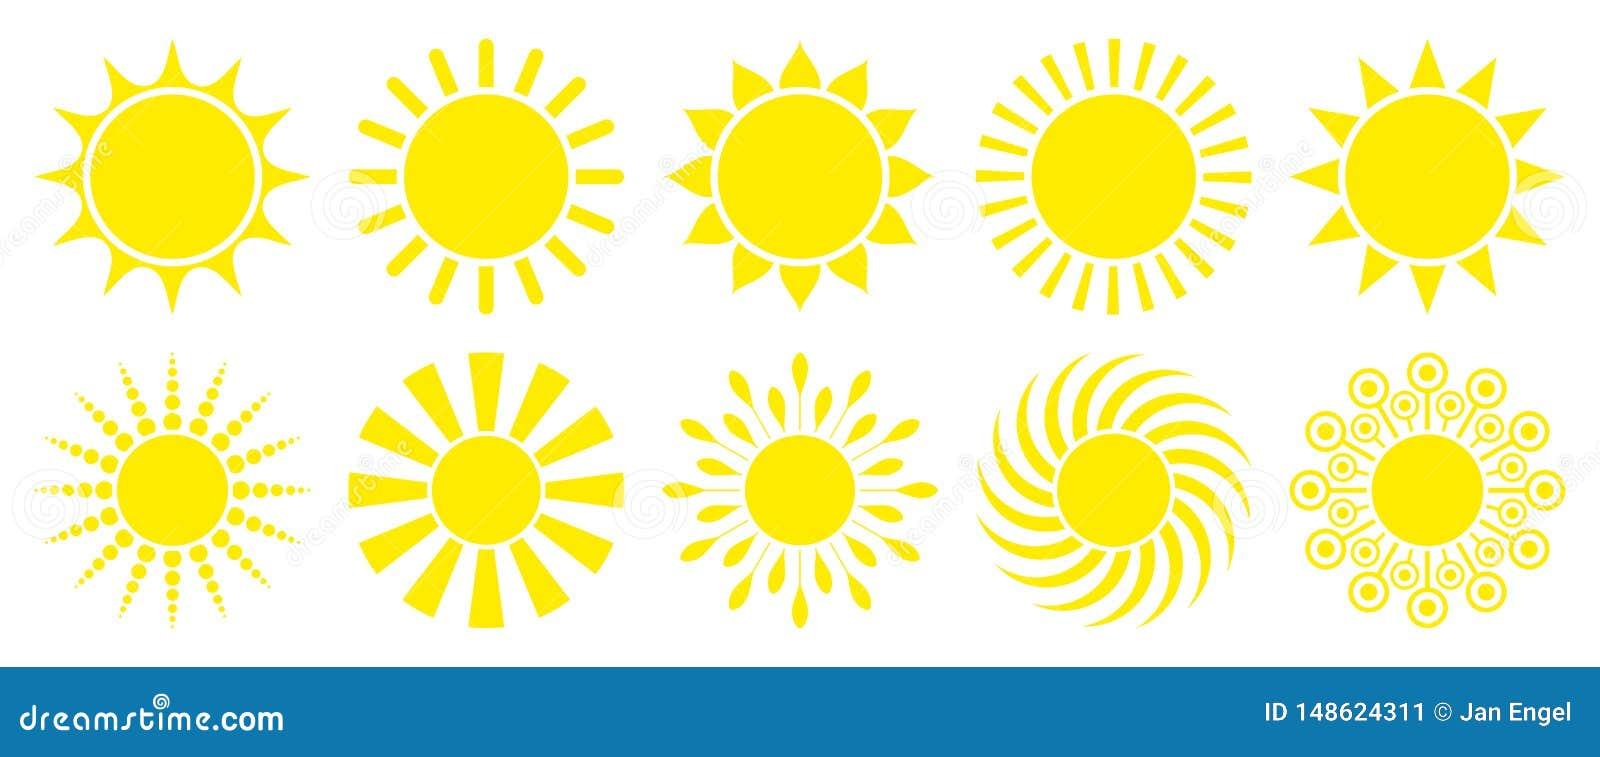 Eingestellt von zehn gelben grafischen Sun-Ikonen